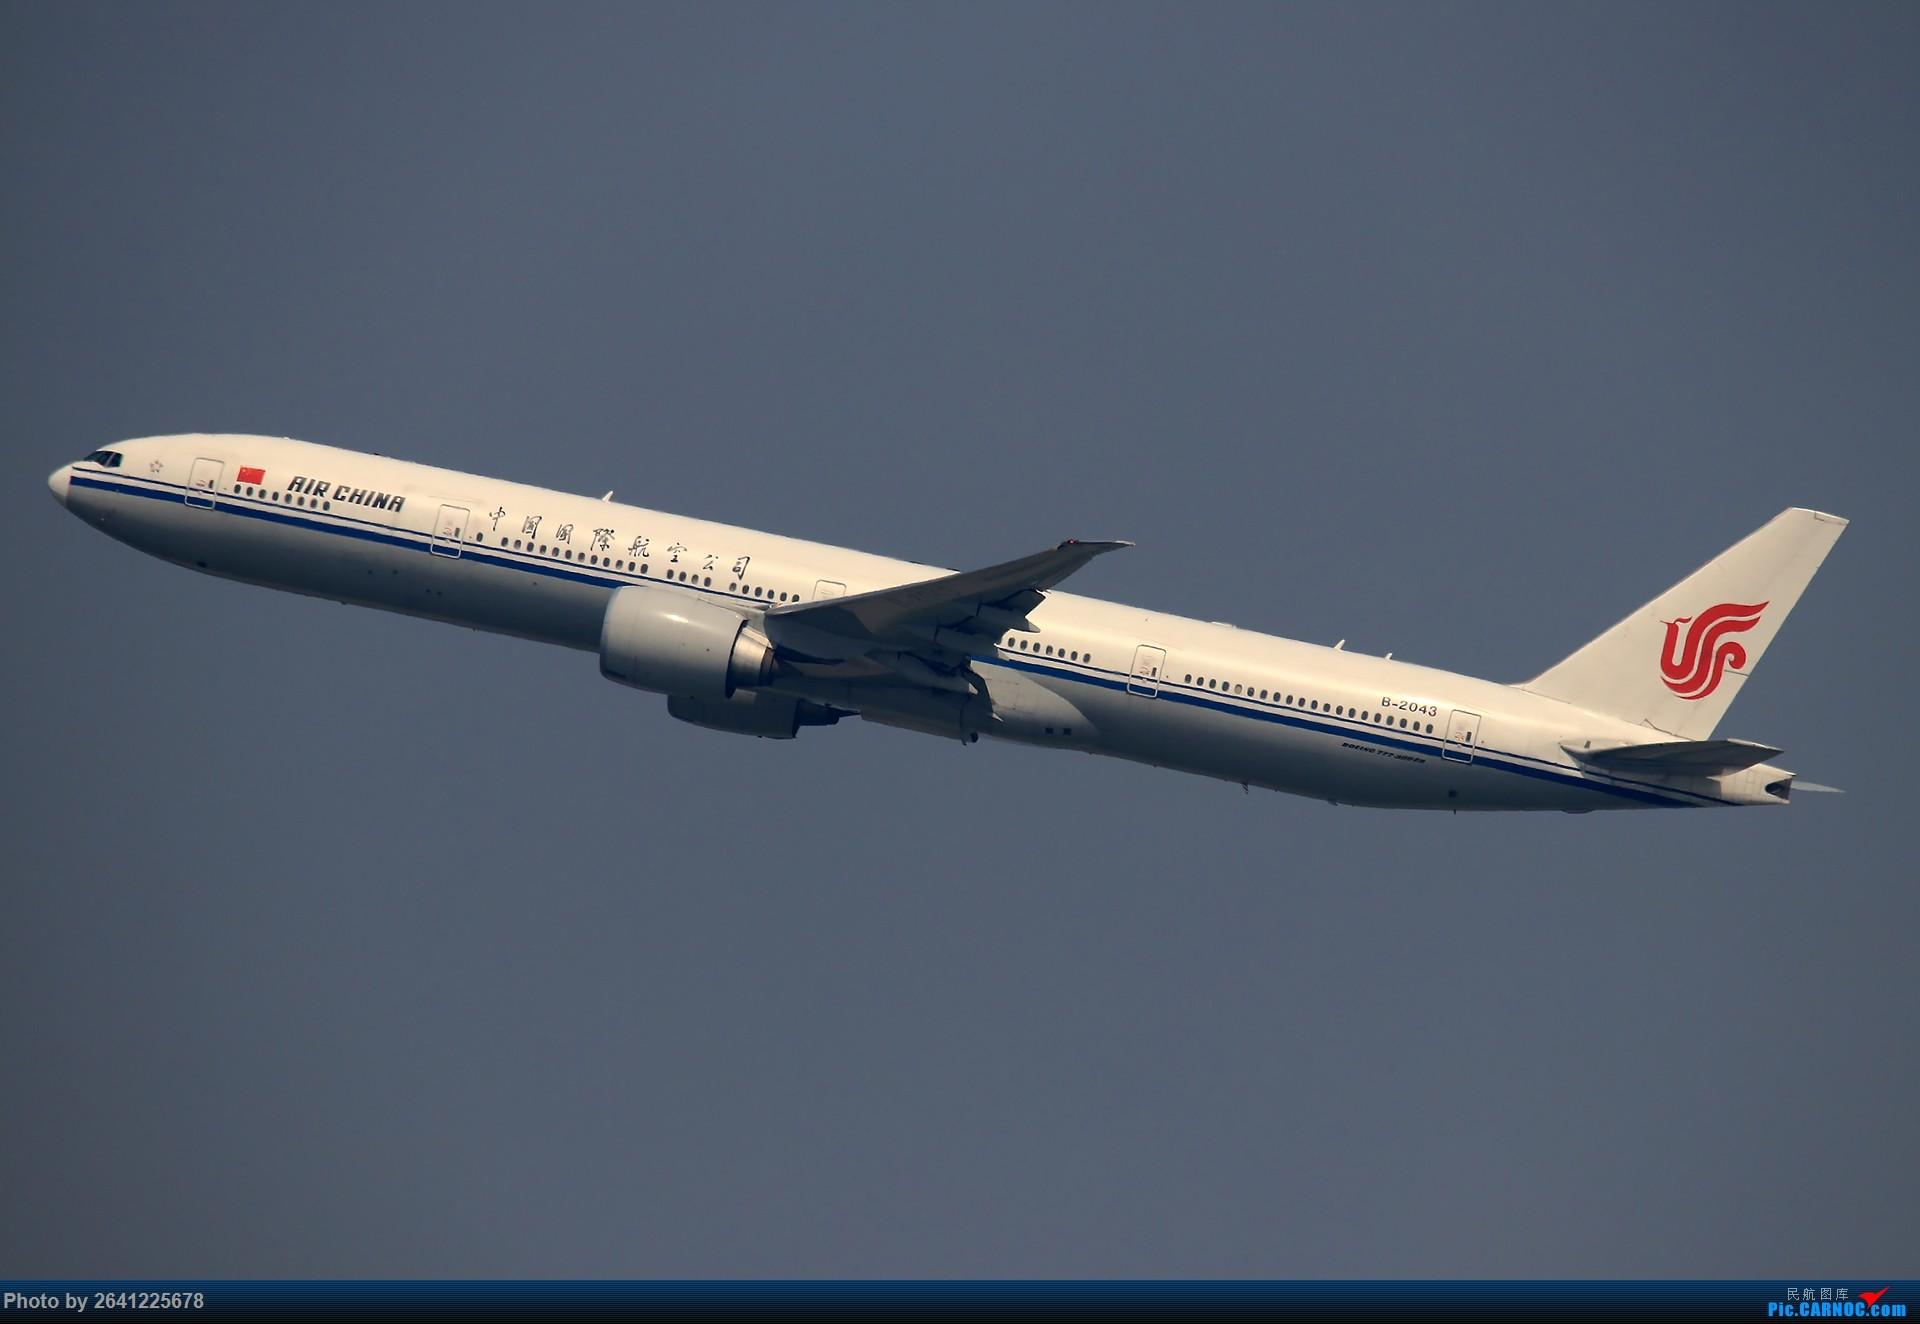 Re:[原创]*****试新机+新镜***** 1920(烂天+地热+渣技术,望大佬多多包涵) BOEING 777-300ER B-2043 中国北京首都国际机场